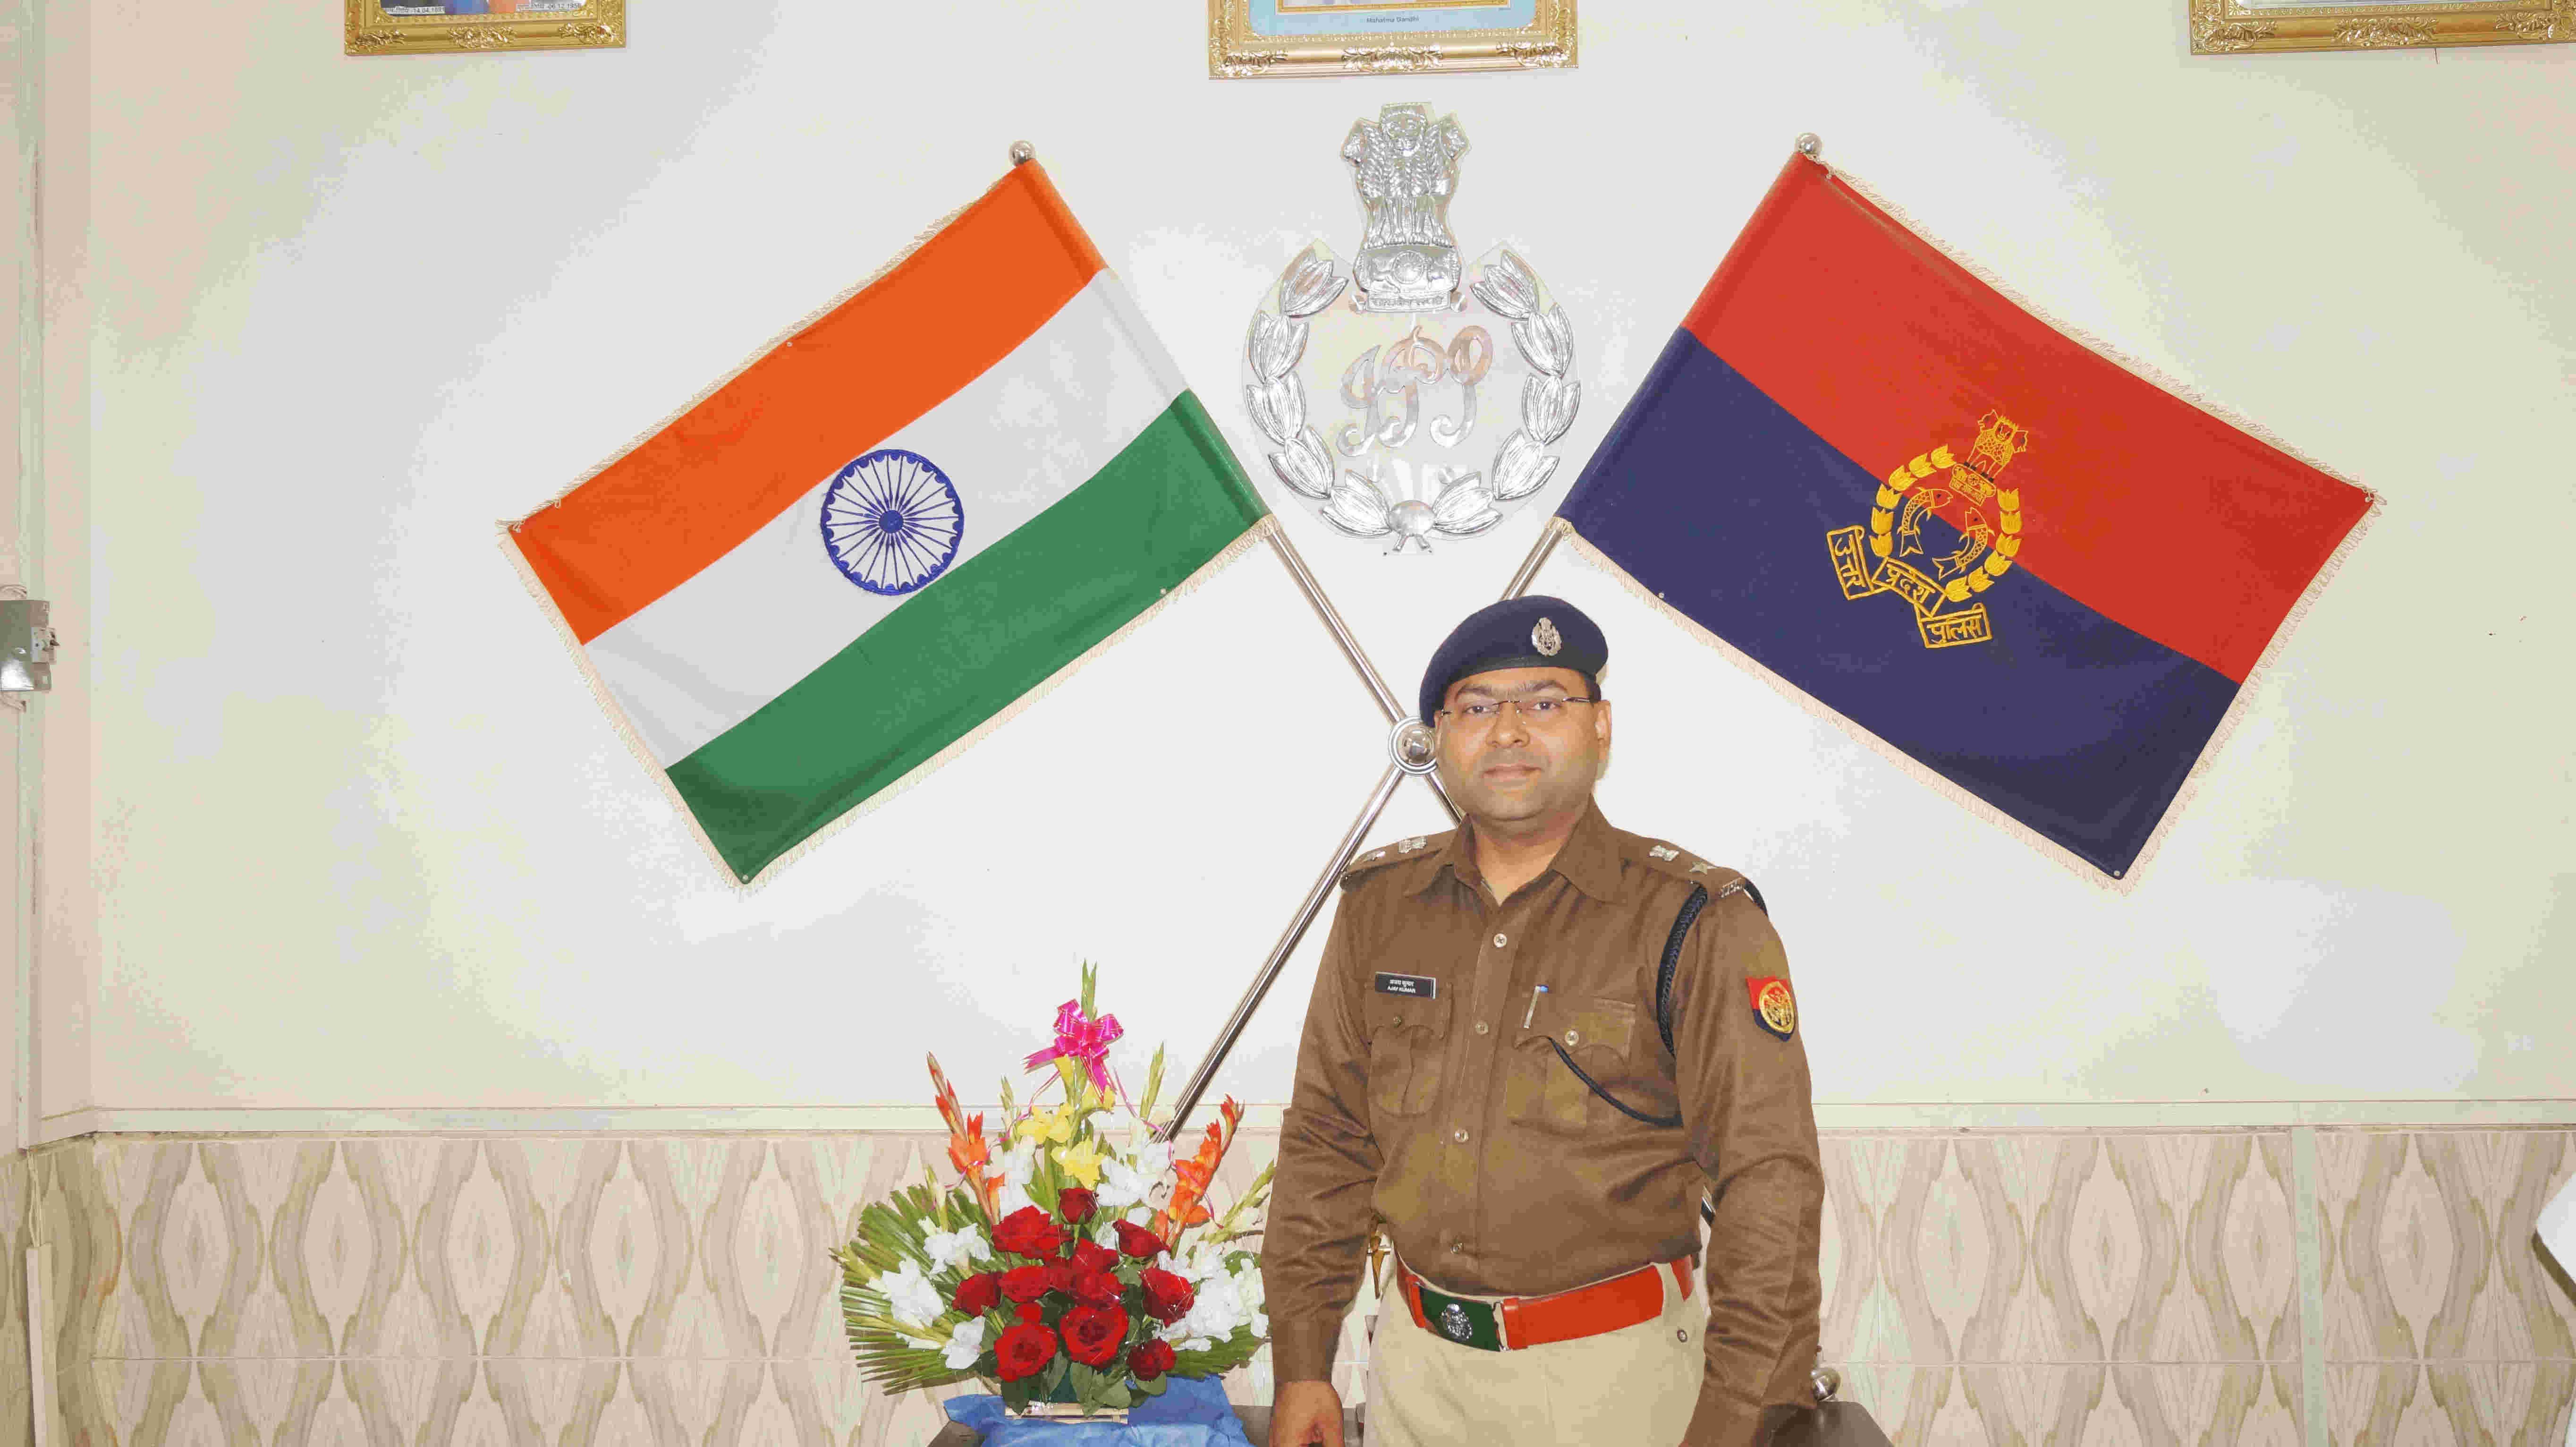 पुलिस अधीक्षक शामली अजय कुमार का जहांगीरी इंसाफ,पीड़ित की फरियाद सुनने ऑफिस छोड़कर बाहर आए